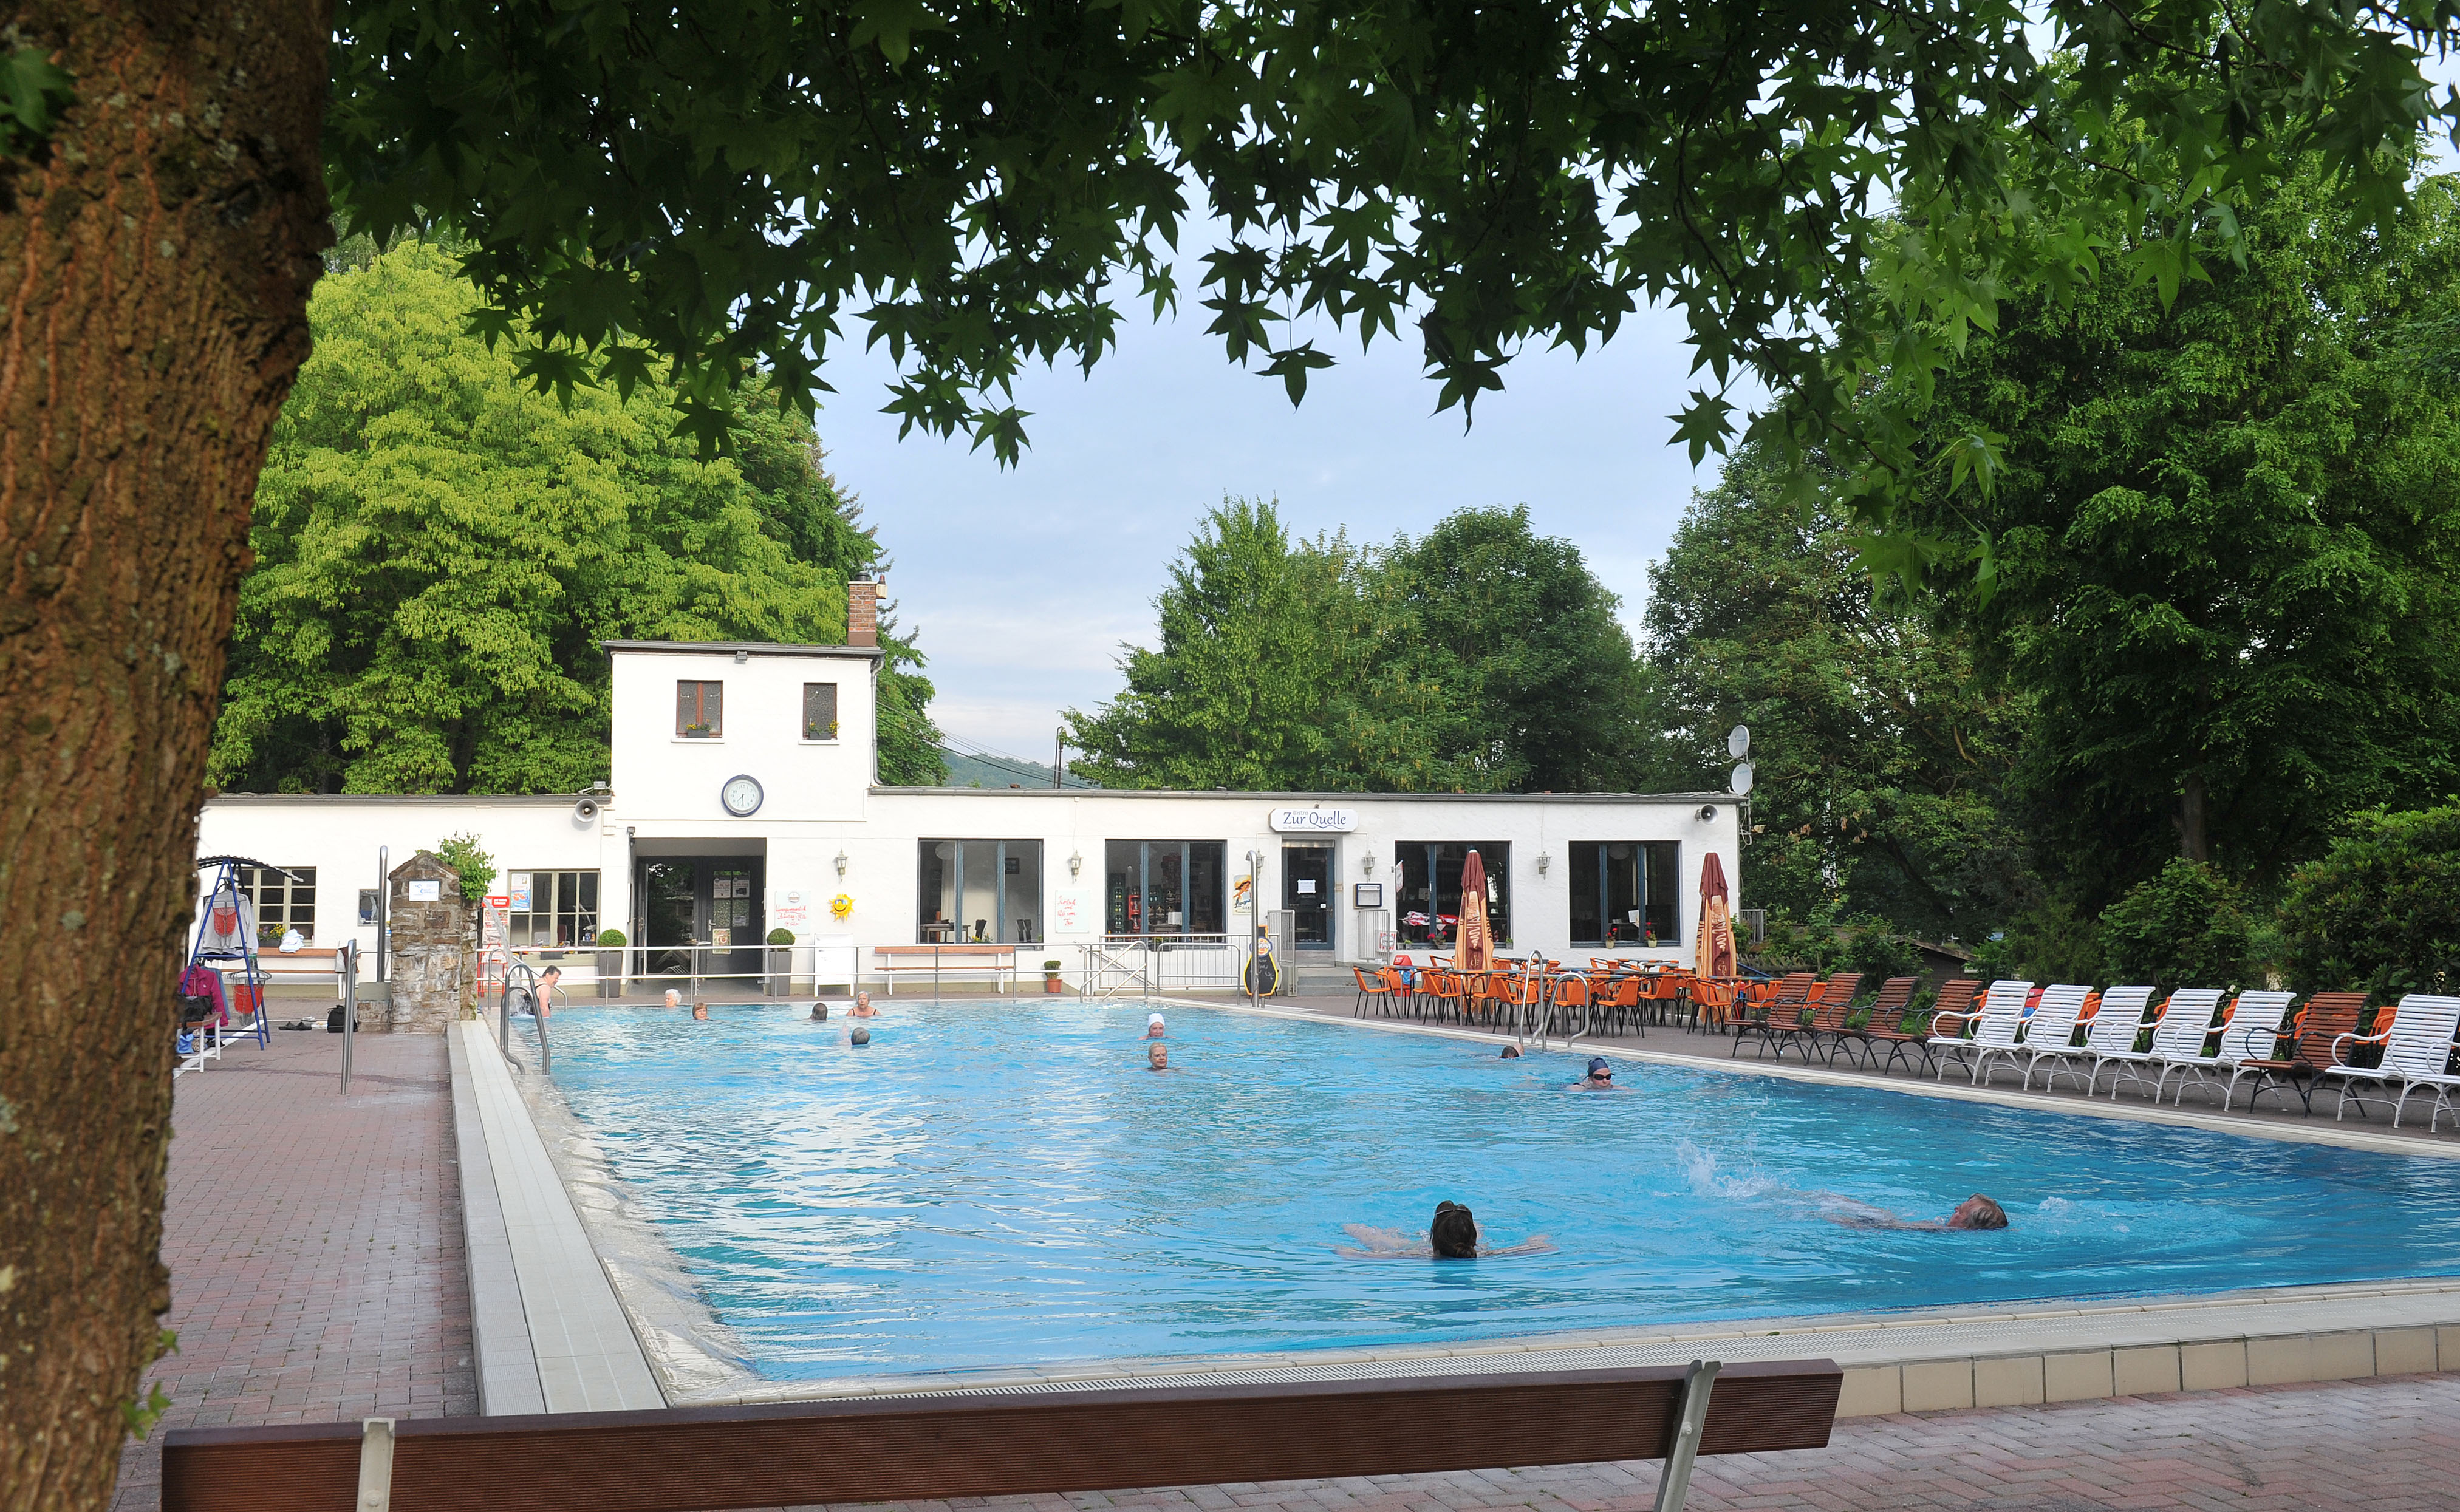 Bad Bodendorf Schwimmbad 26 Ahrtal Tourismus E V